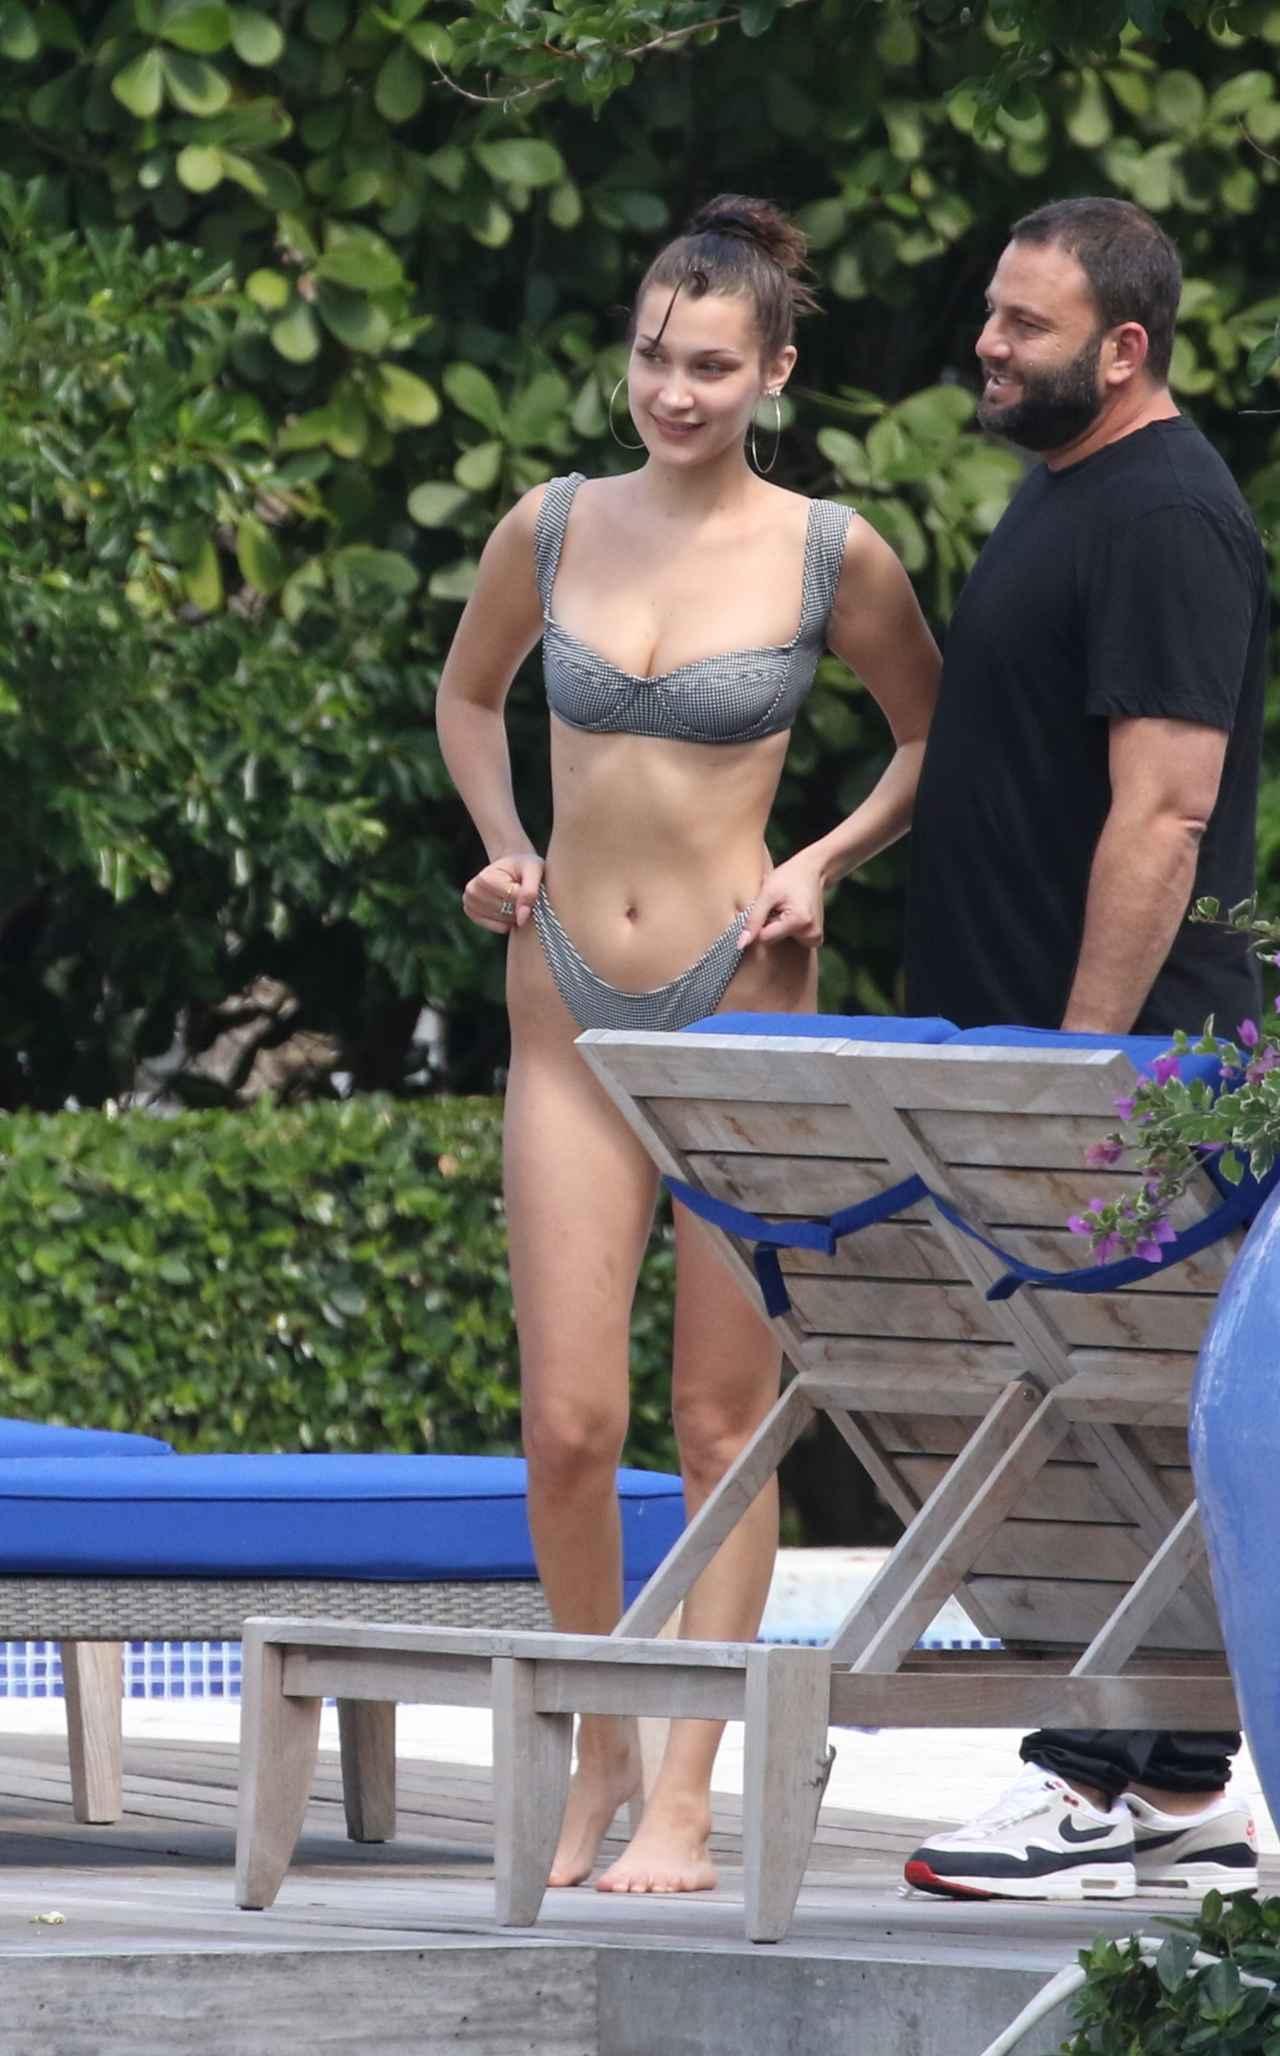 画像1: ベラ・ハディッドの美しすぎる水着姿を360度から見てみよう